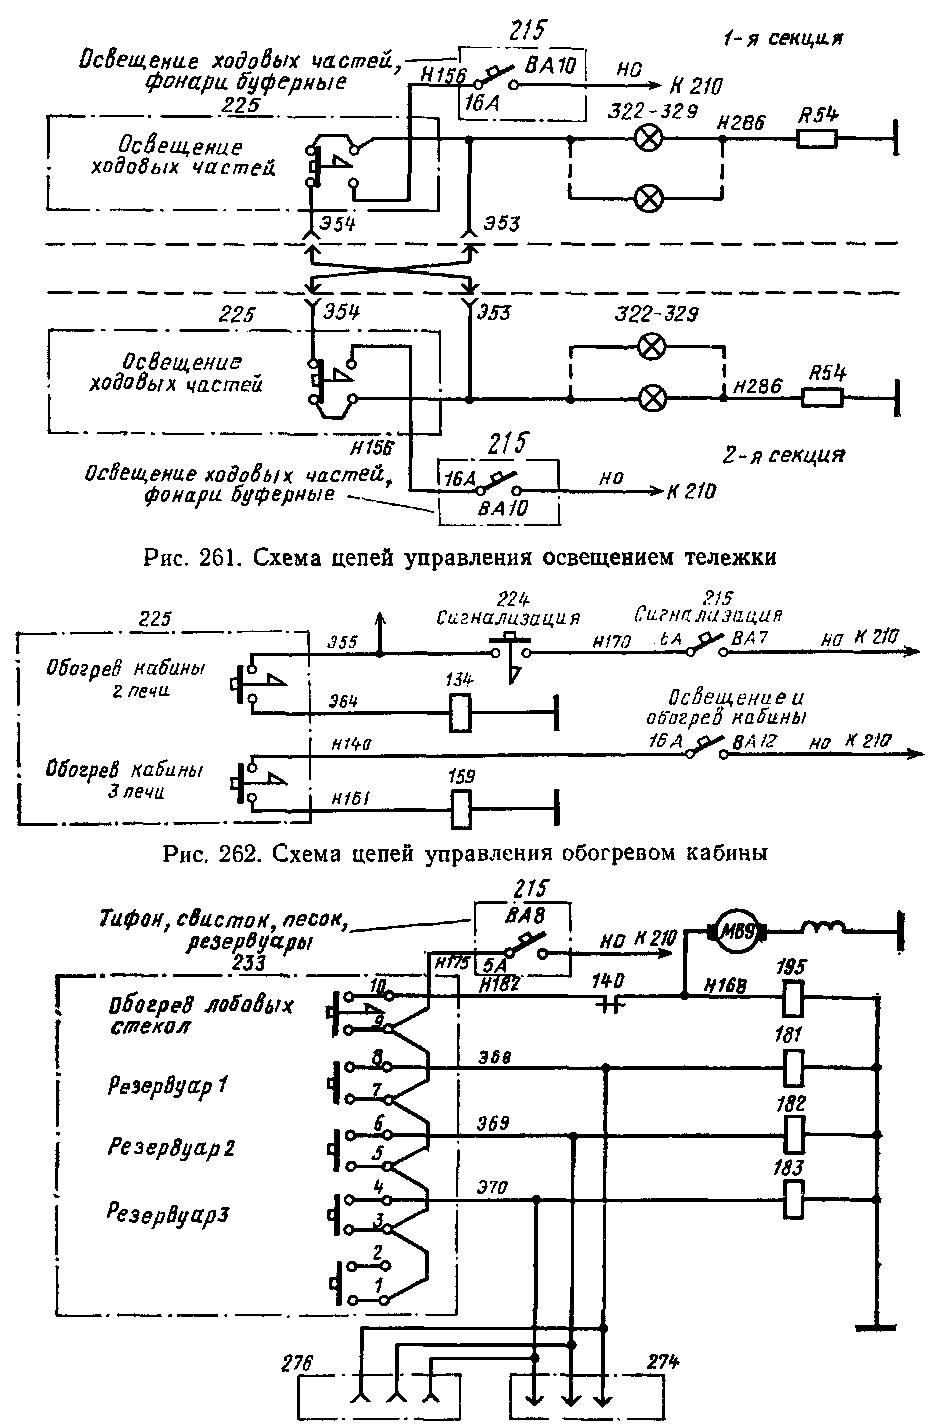 Схема цепей управления продувкой резервуаров